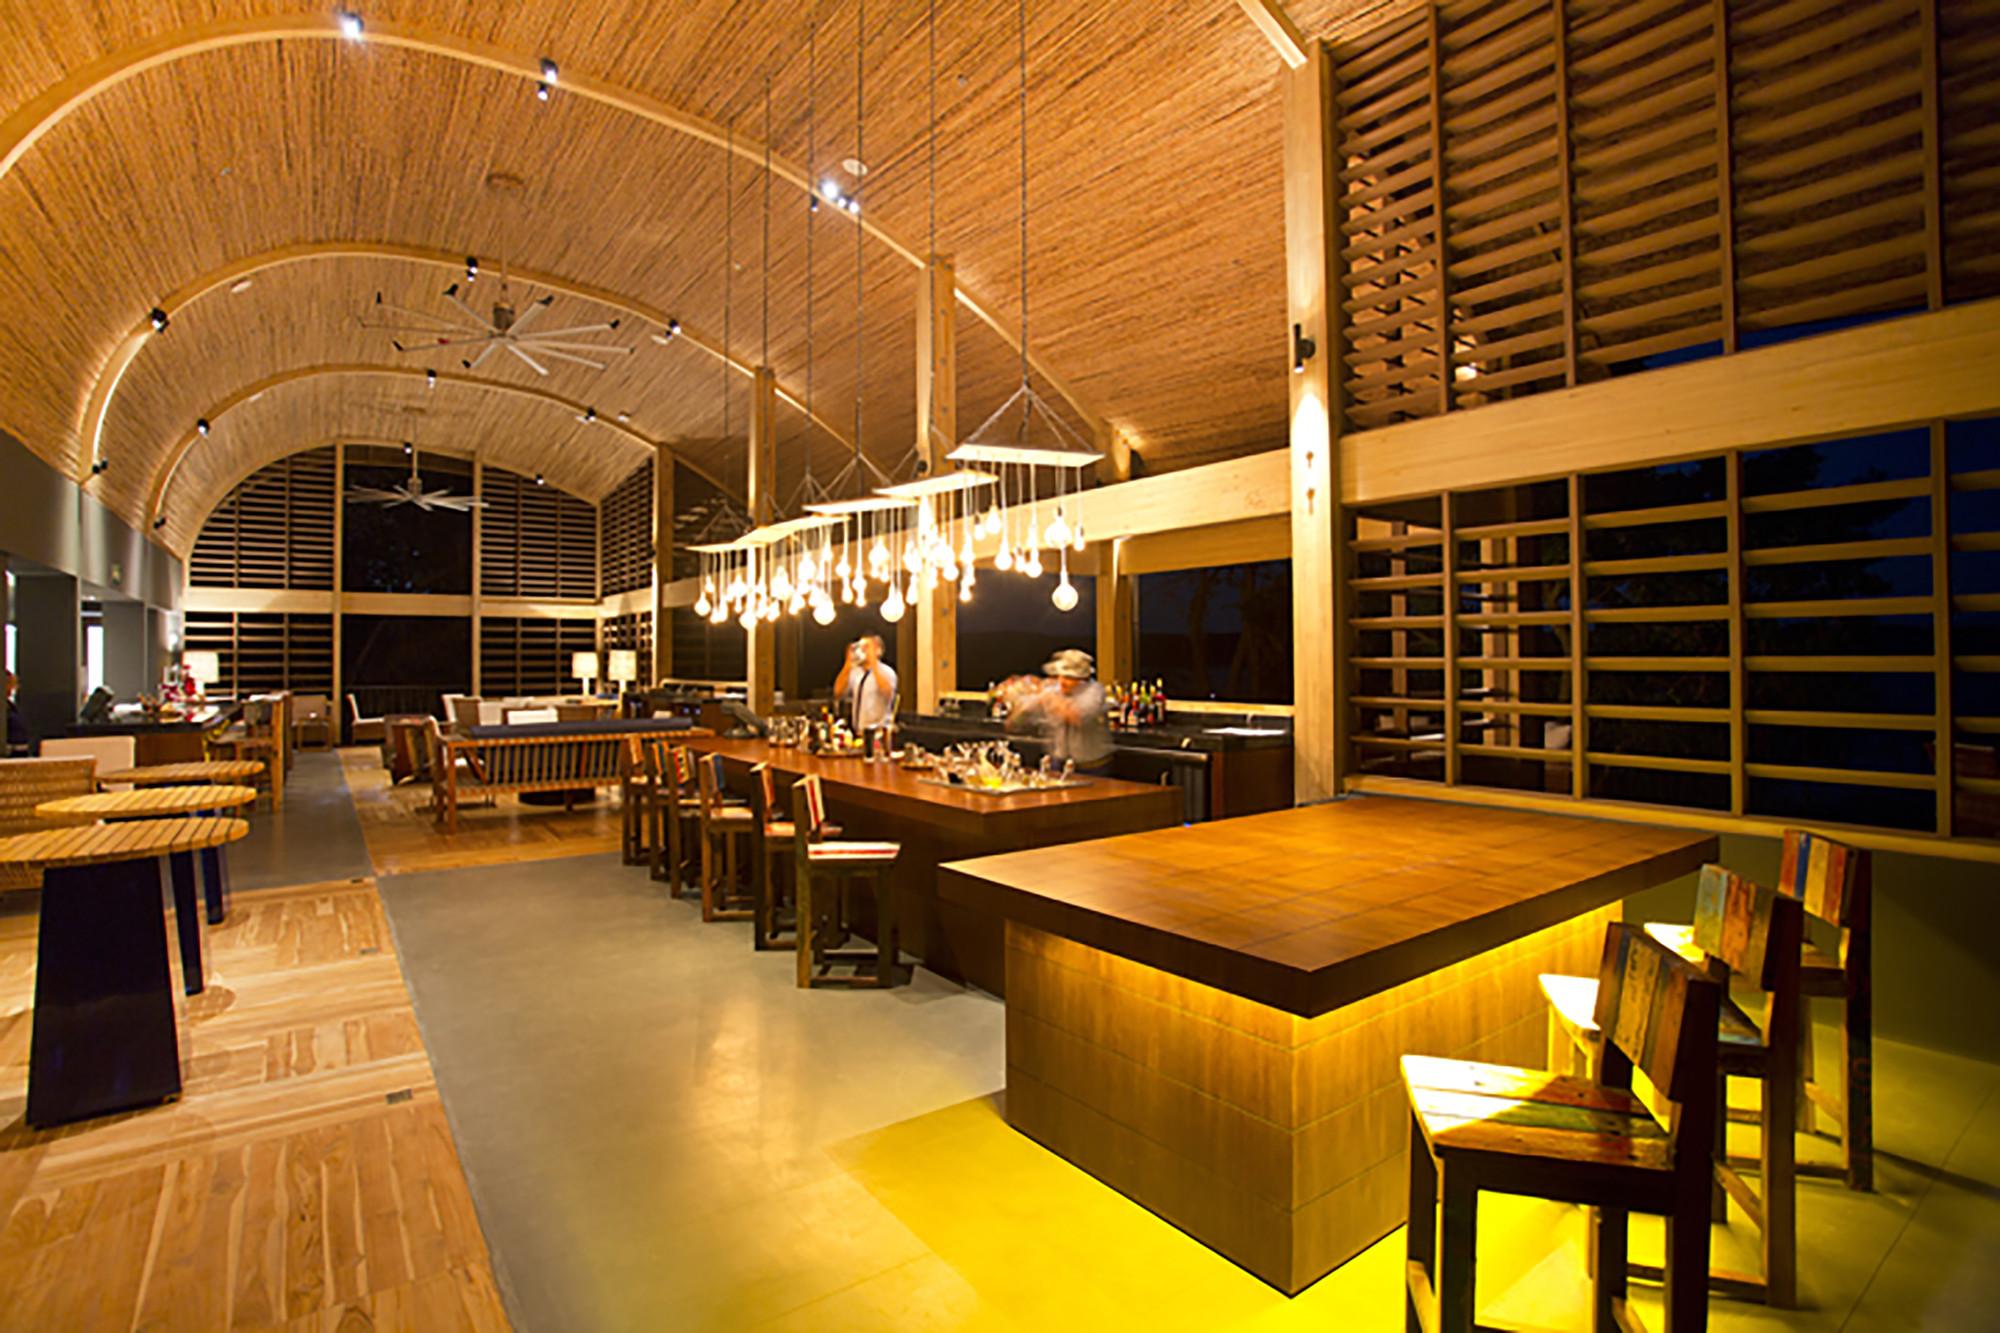 Gallery of Andaz Hotel / Zürcher Arquitectos - 12